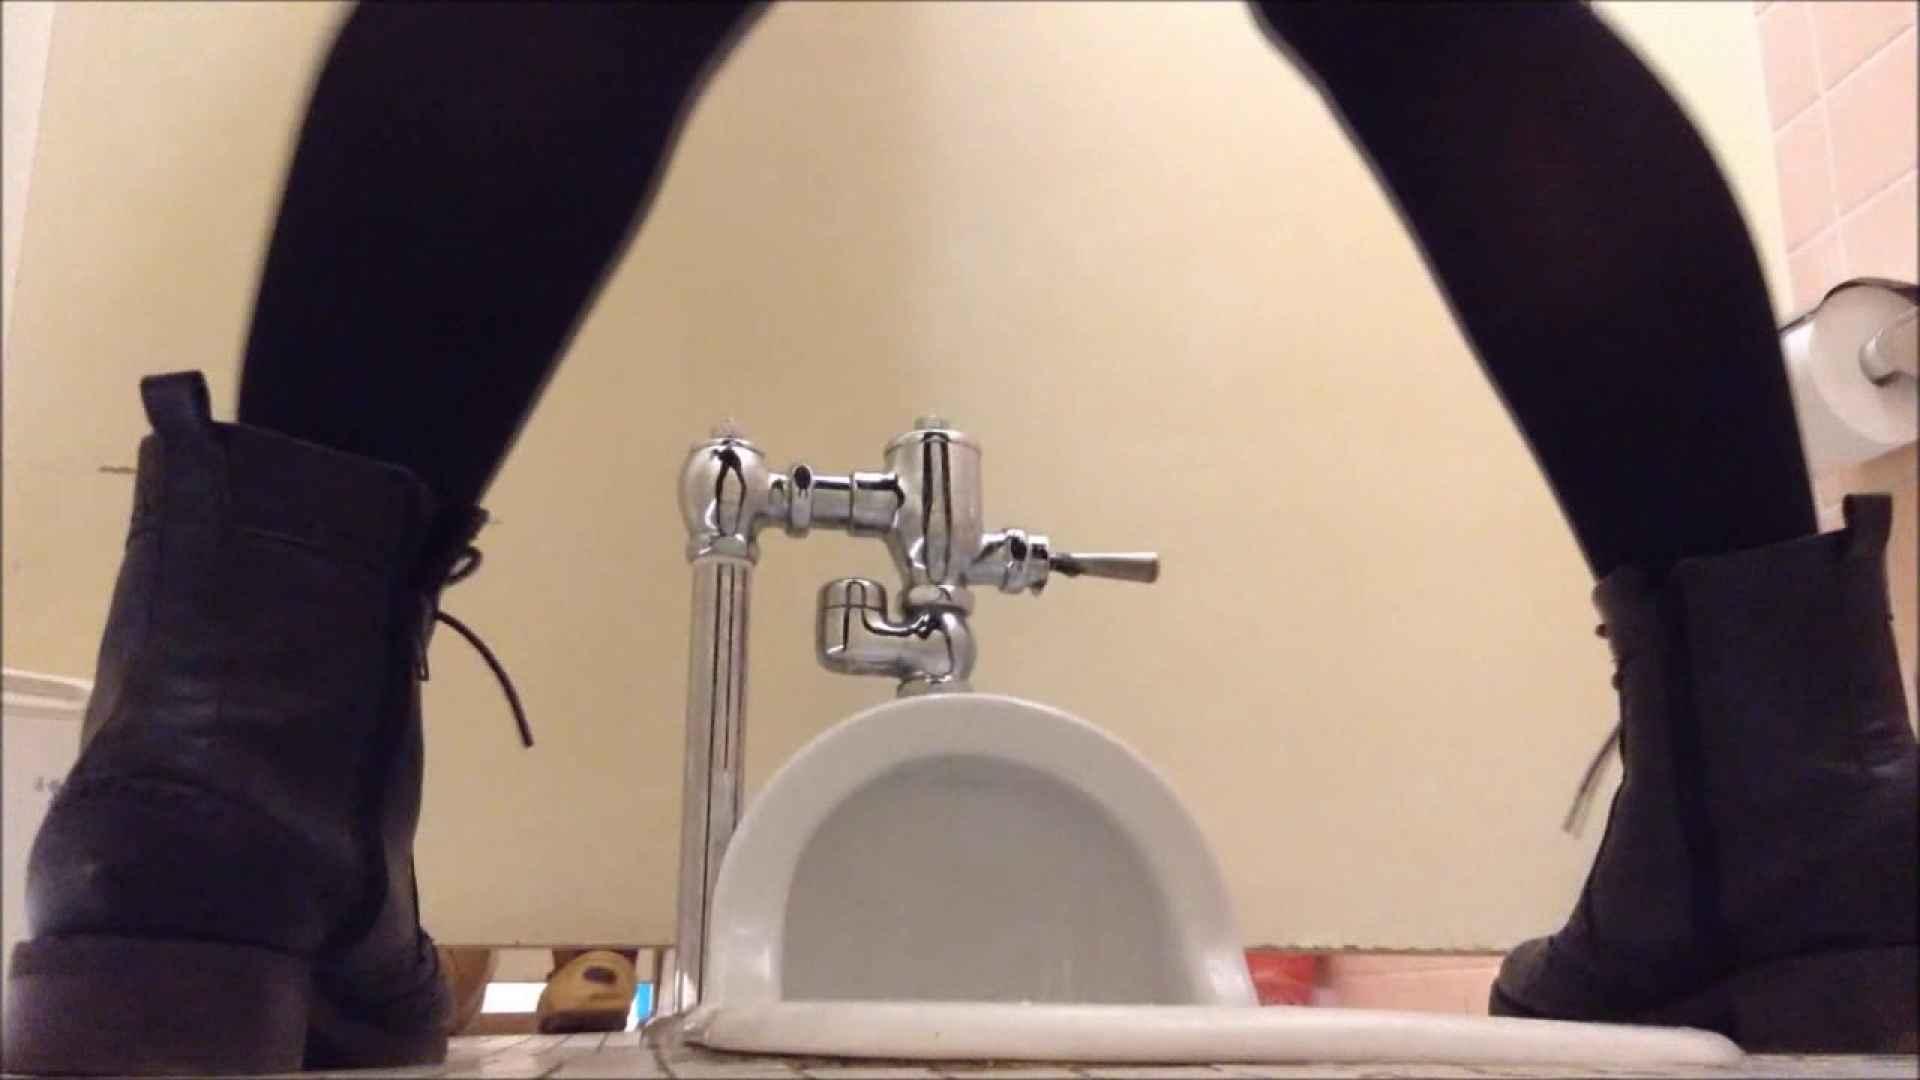 某有名大学女性洗面所 vol.04 和式  20Pix 3